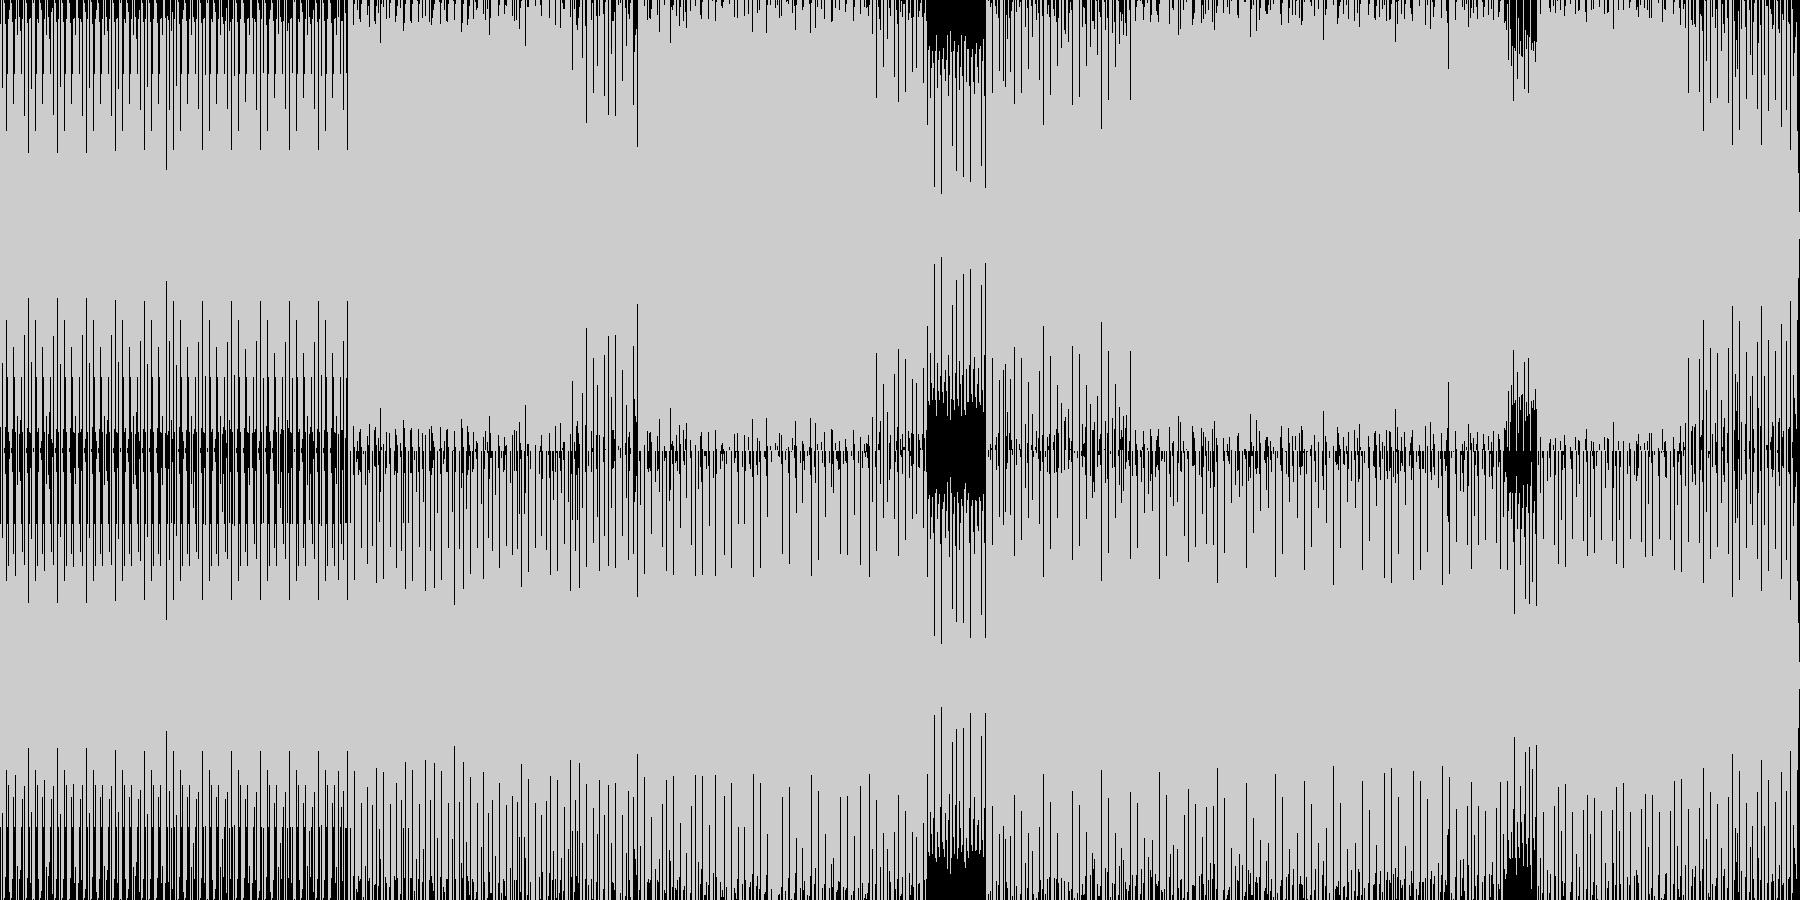 暗めなミニマルテクノの未再生の波形